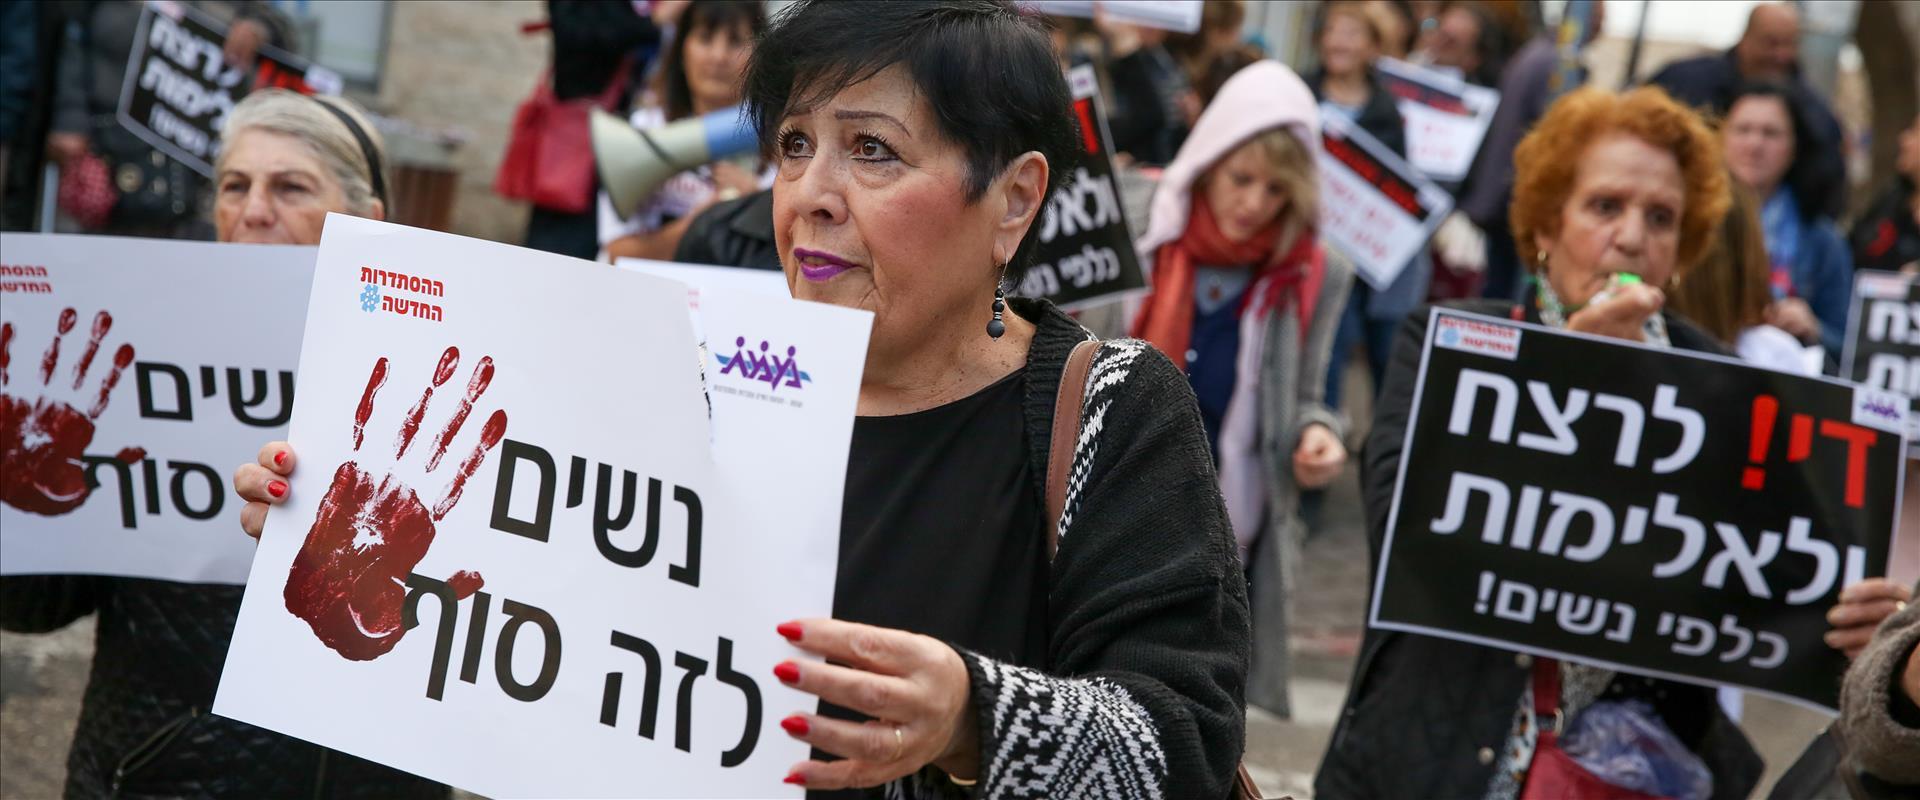 הפגנה נגד האלימות כלפי נשים